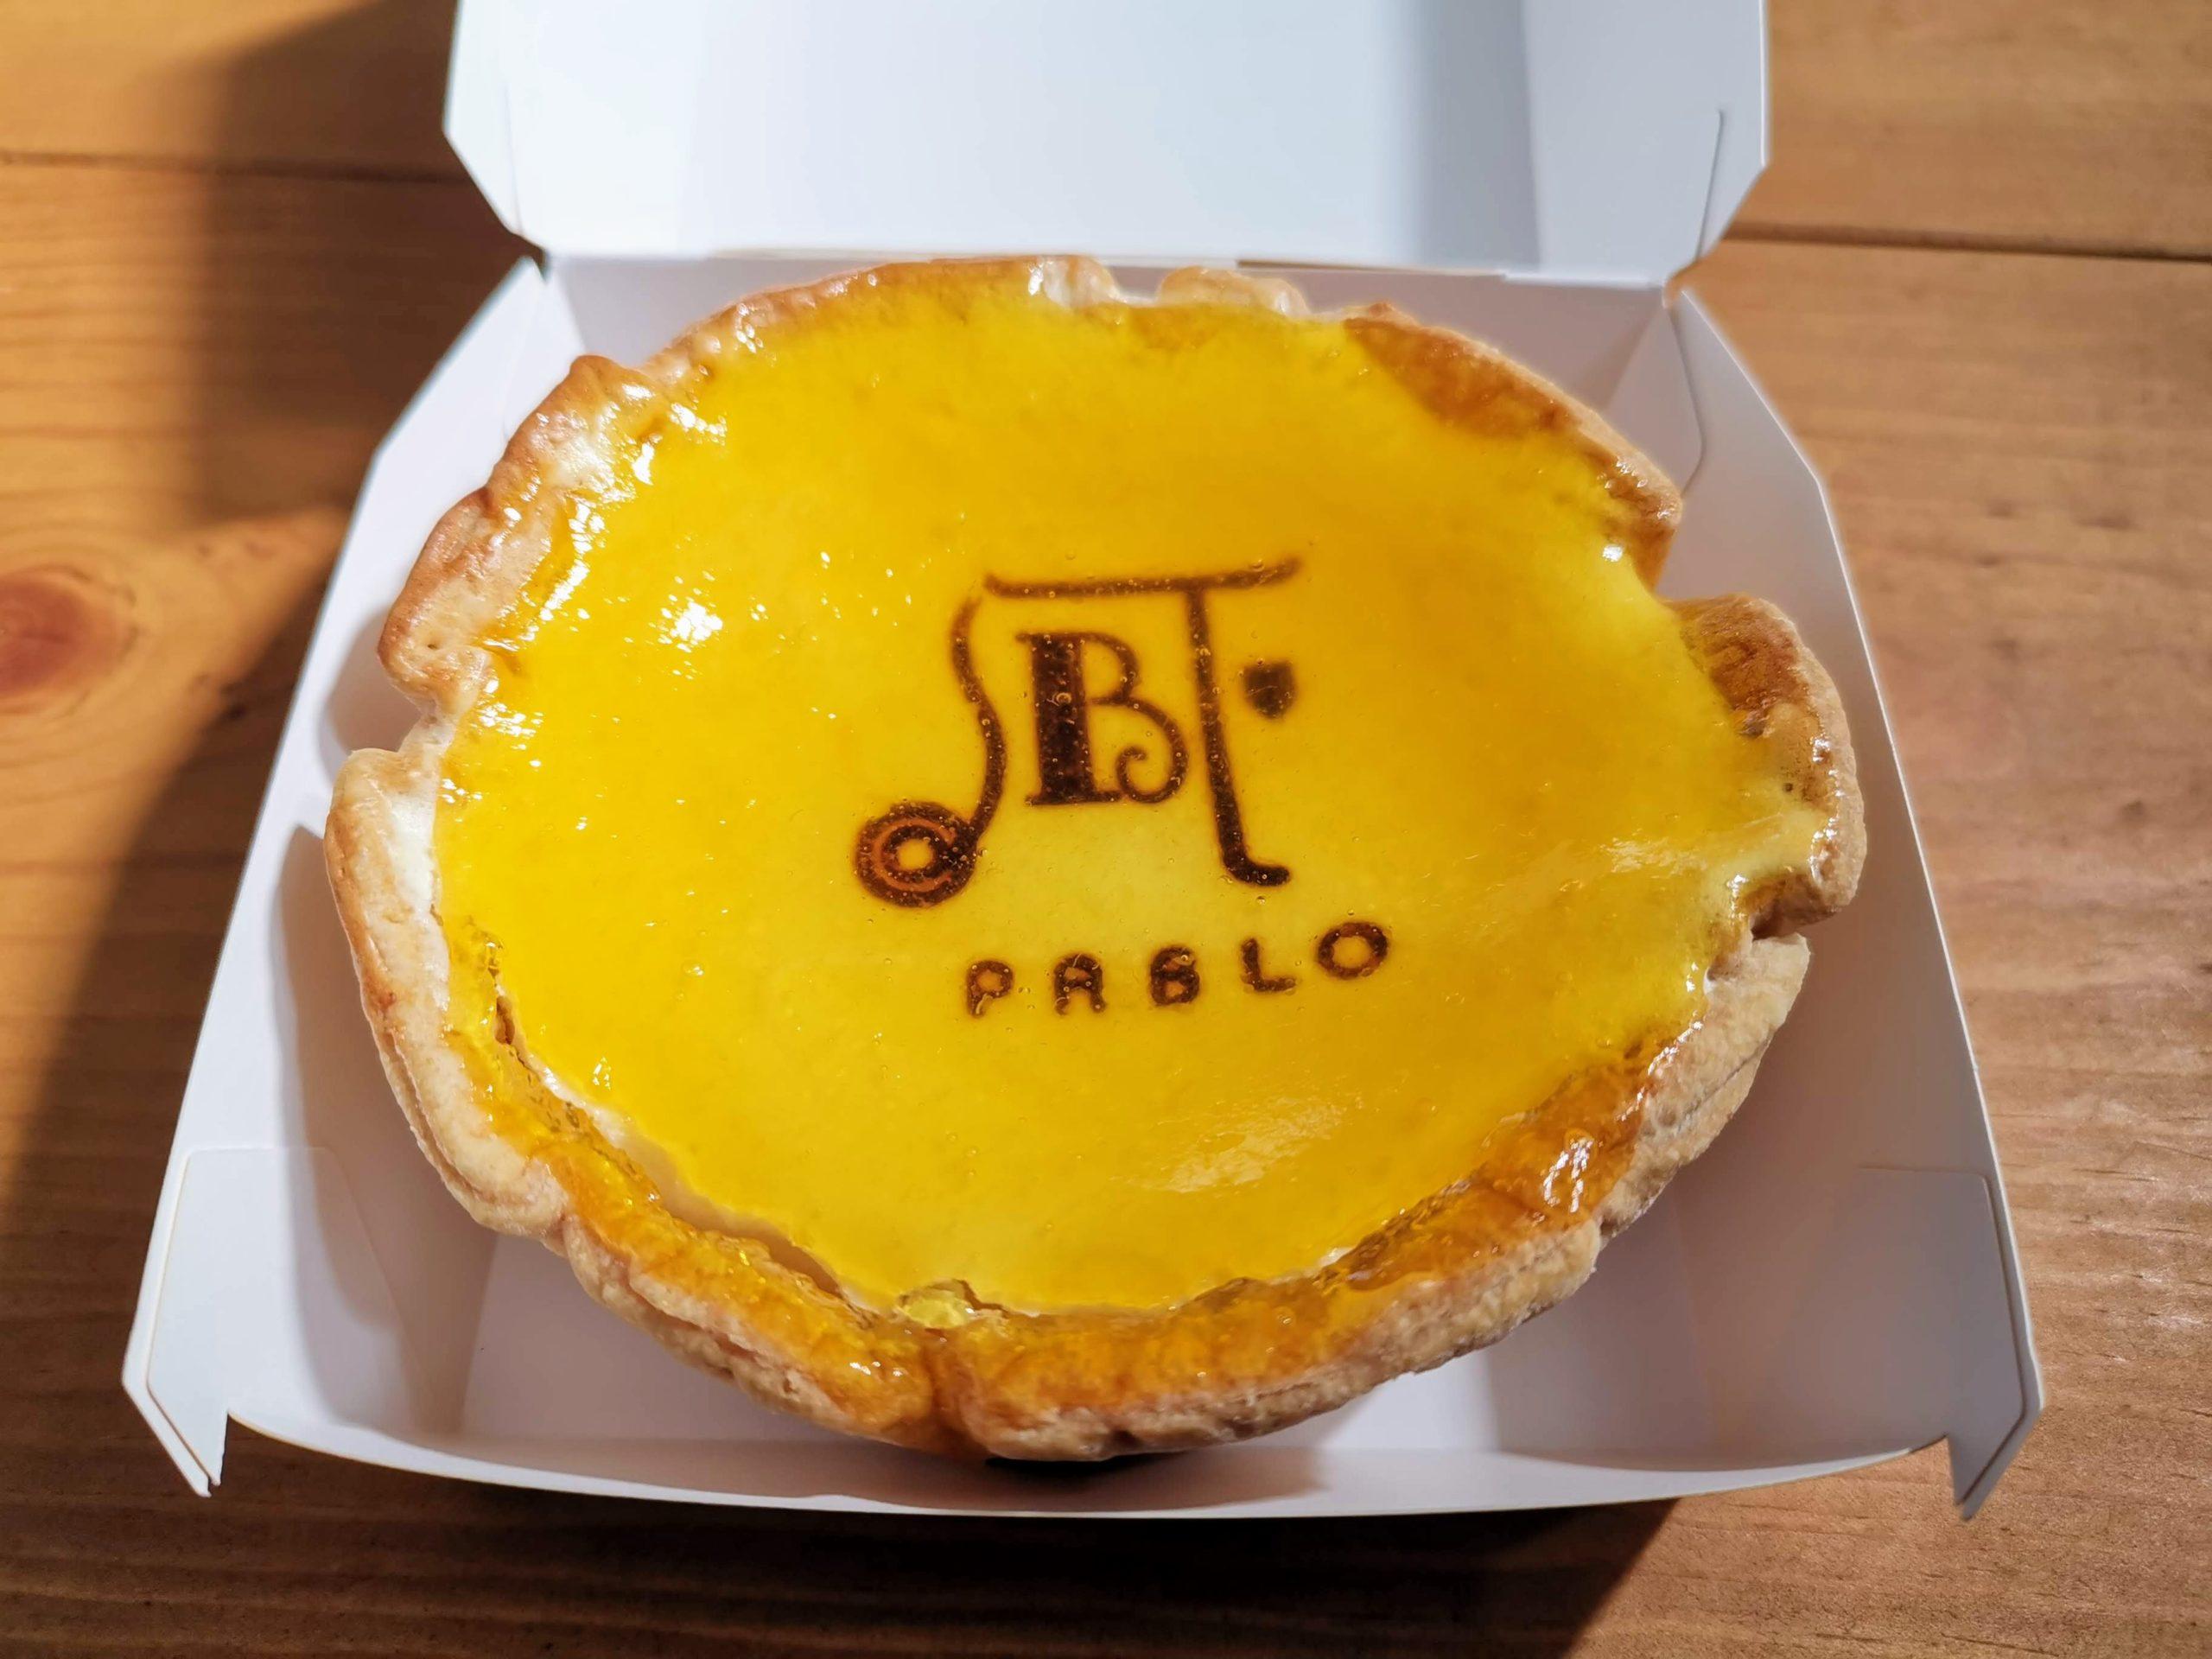 Pablo(パブロ)のチーズケーキ・チーズタルト